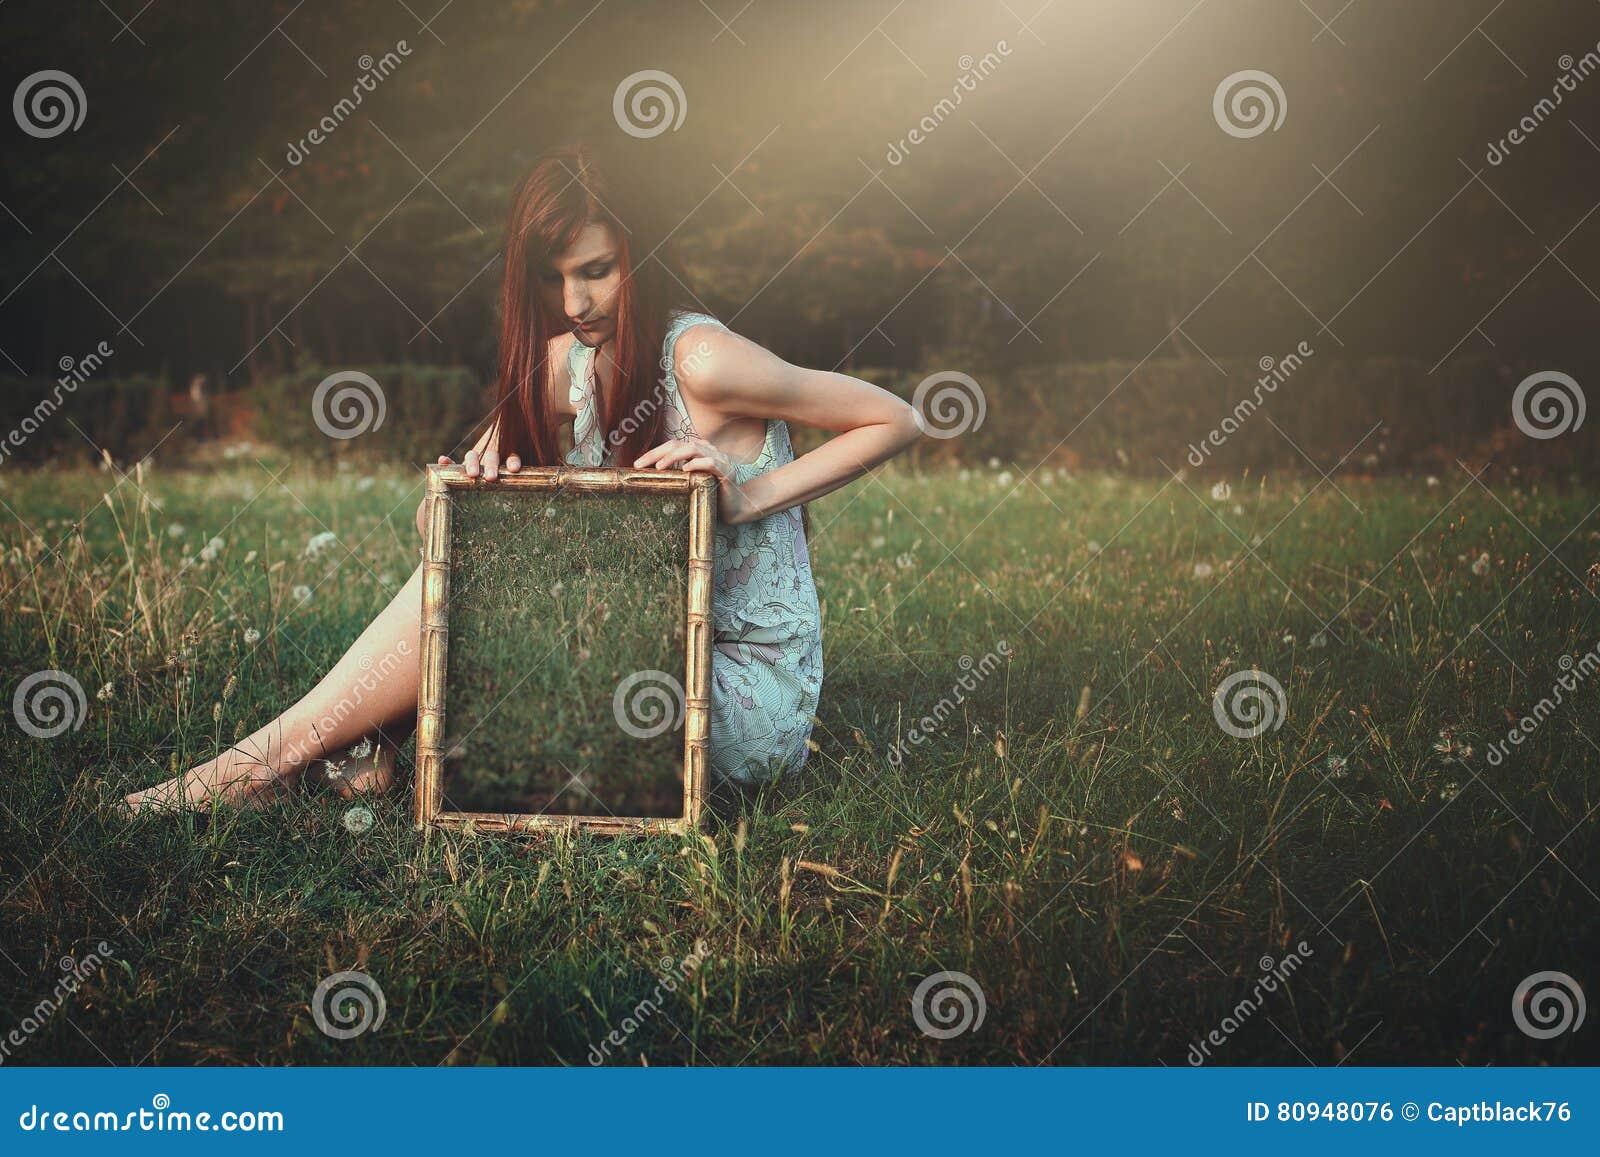 Kobieta z dziwacznym lustrem na łące